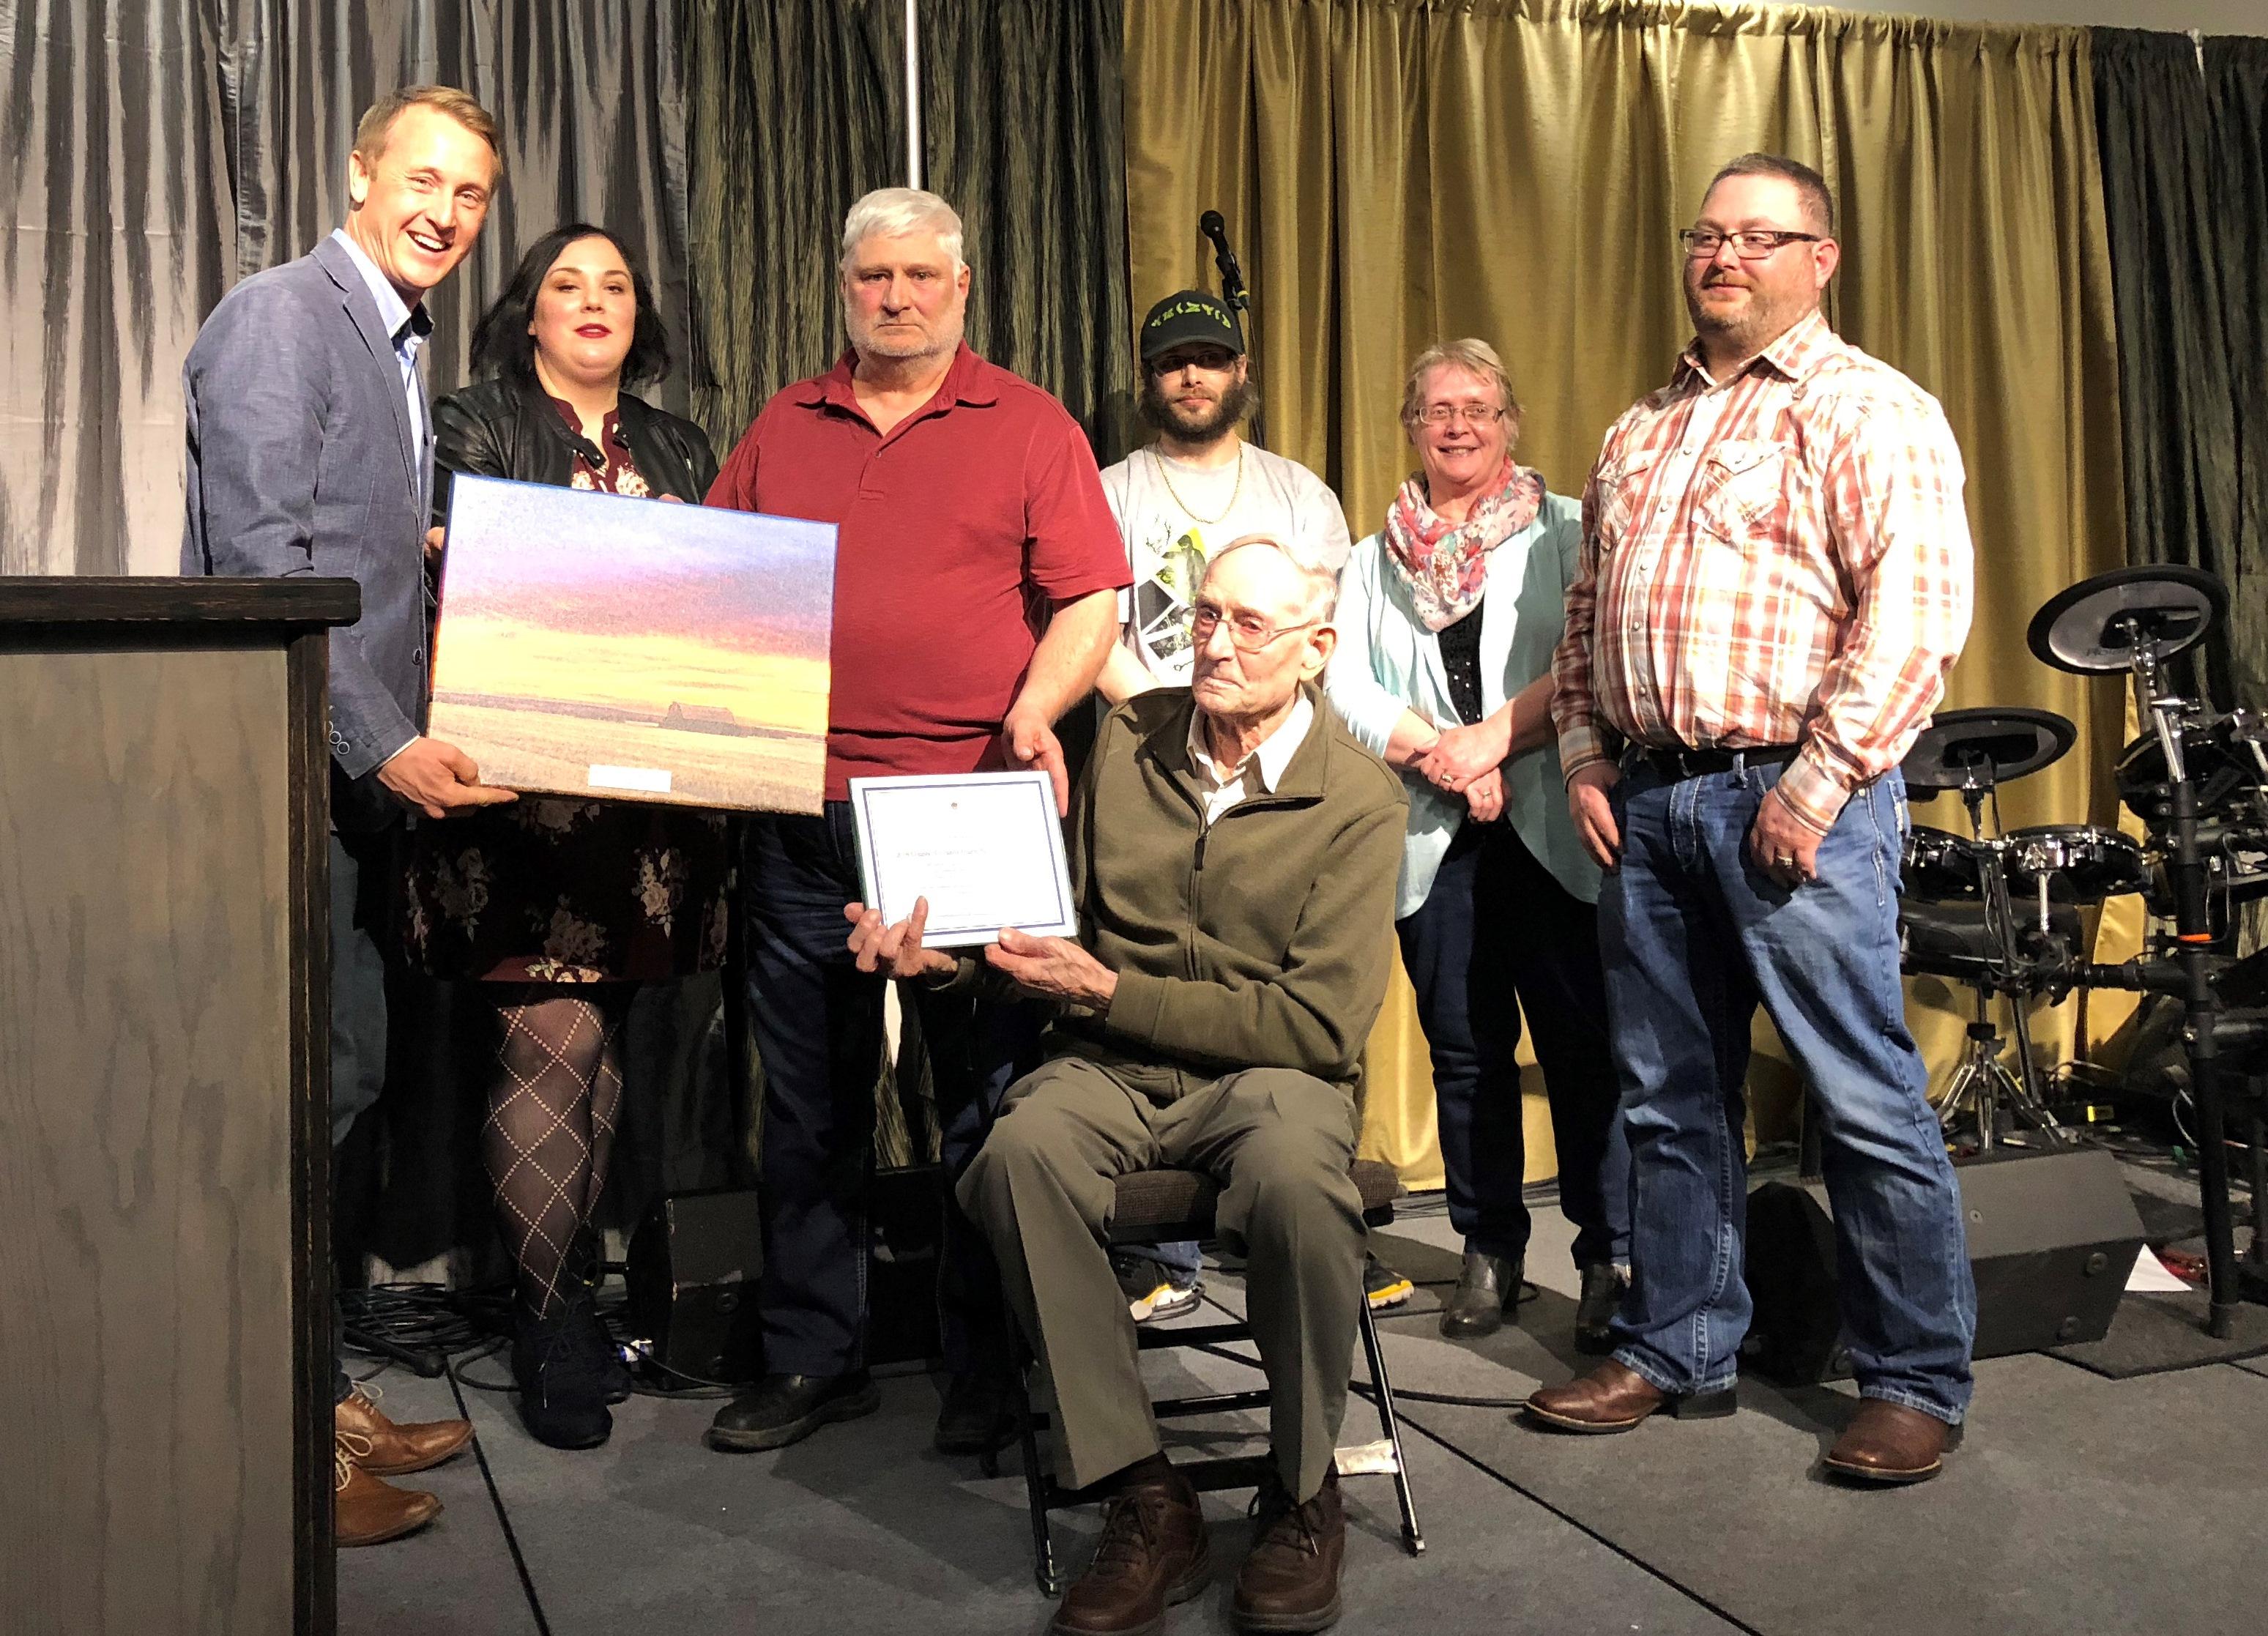 2018 County of Grande Prairie No. 1 Farm Family